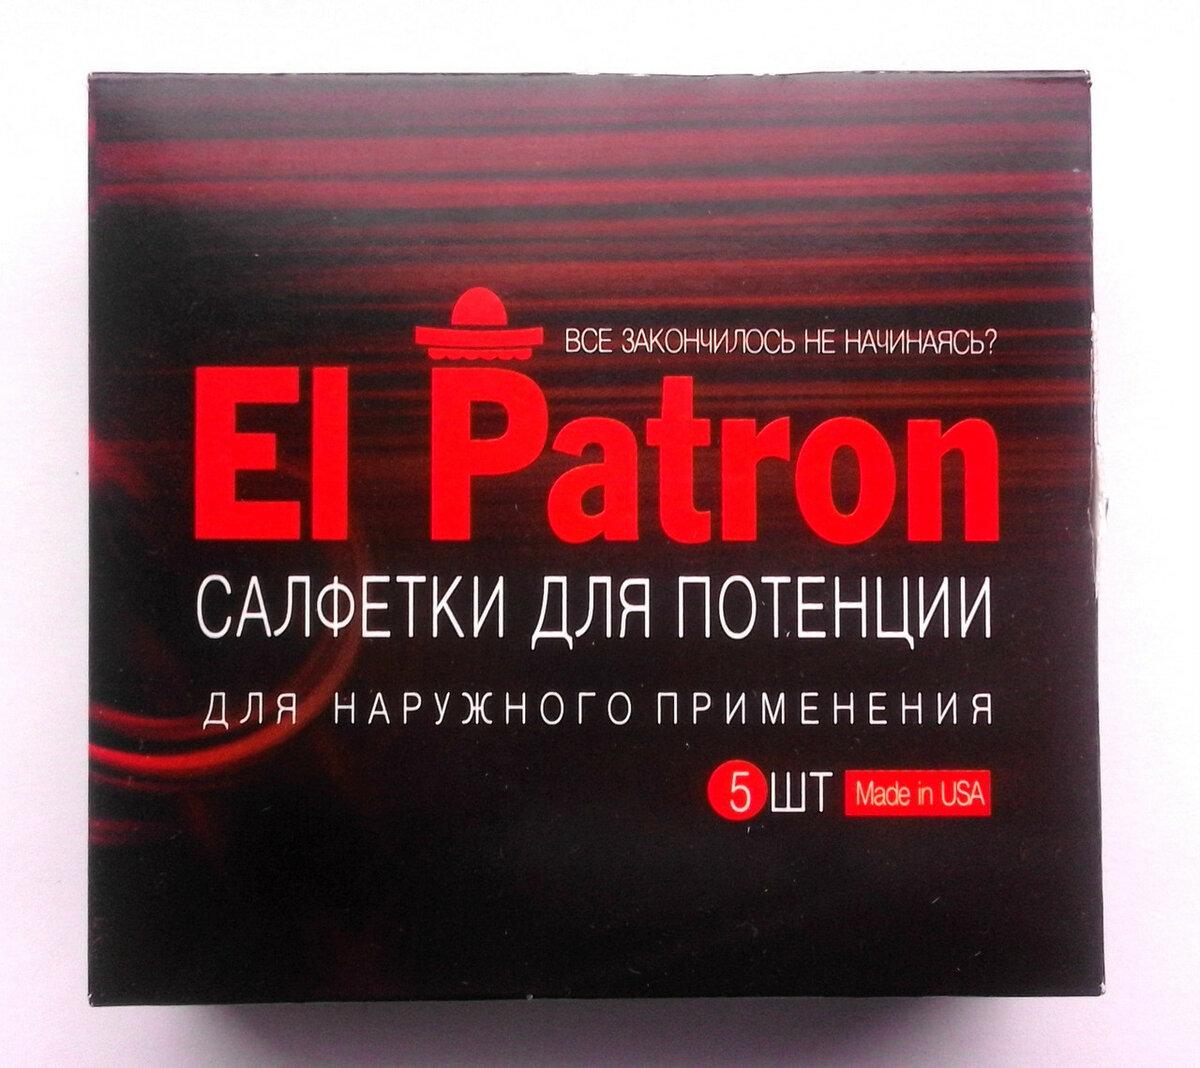 El Patron - салфетки для потенции в Новосибирске